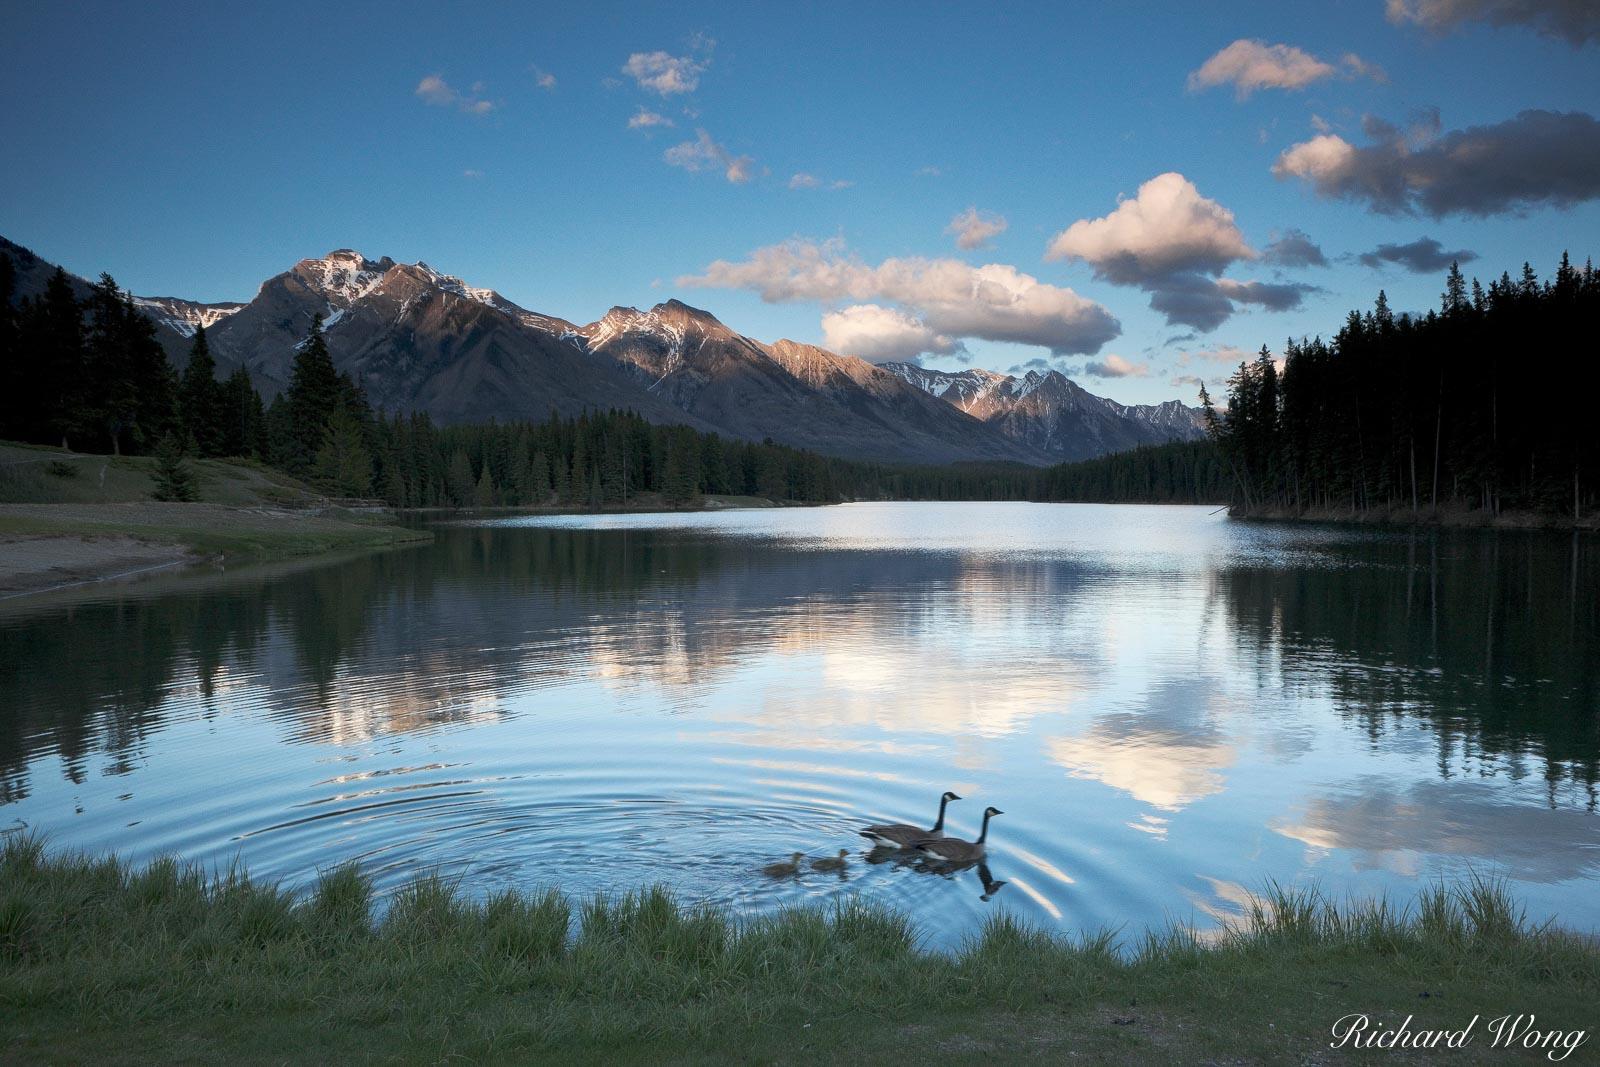 Canada Geese Family at Johnson Lake, Banff National Park, Alberta, Canada, Photo